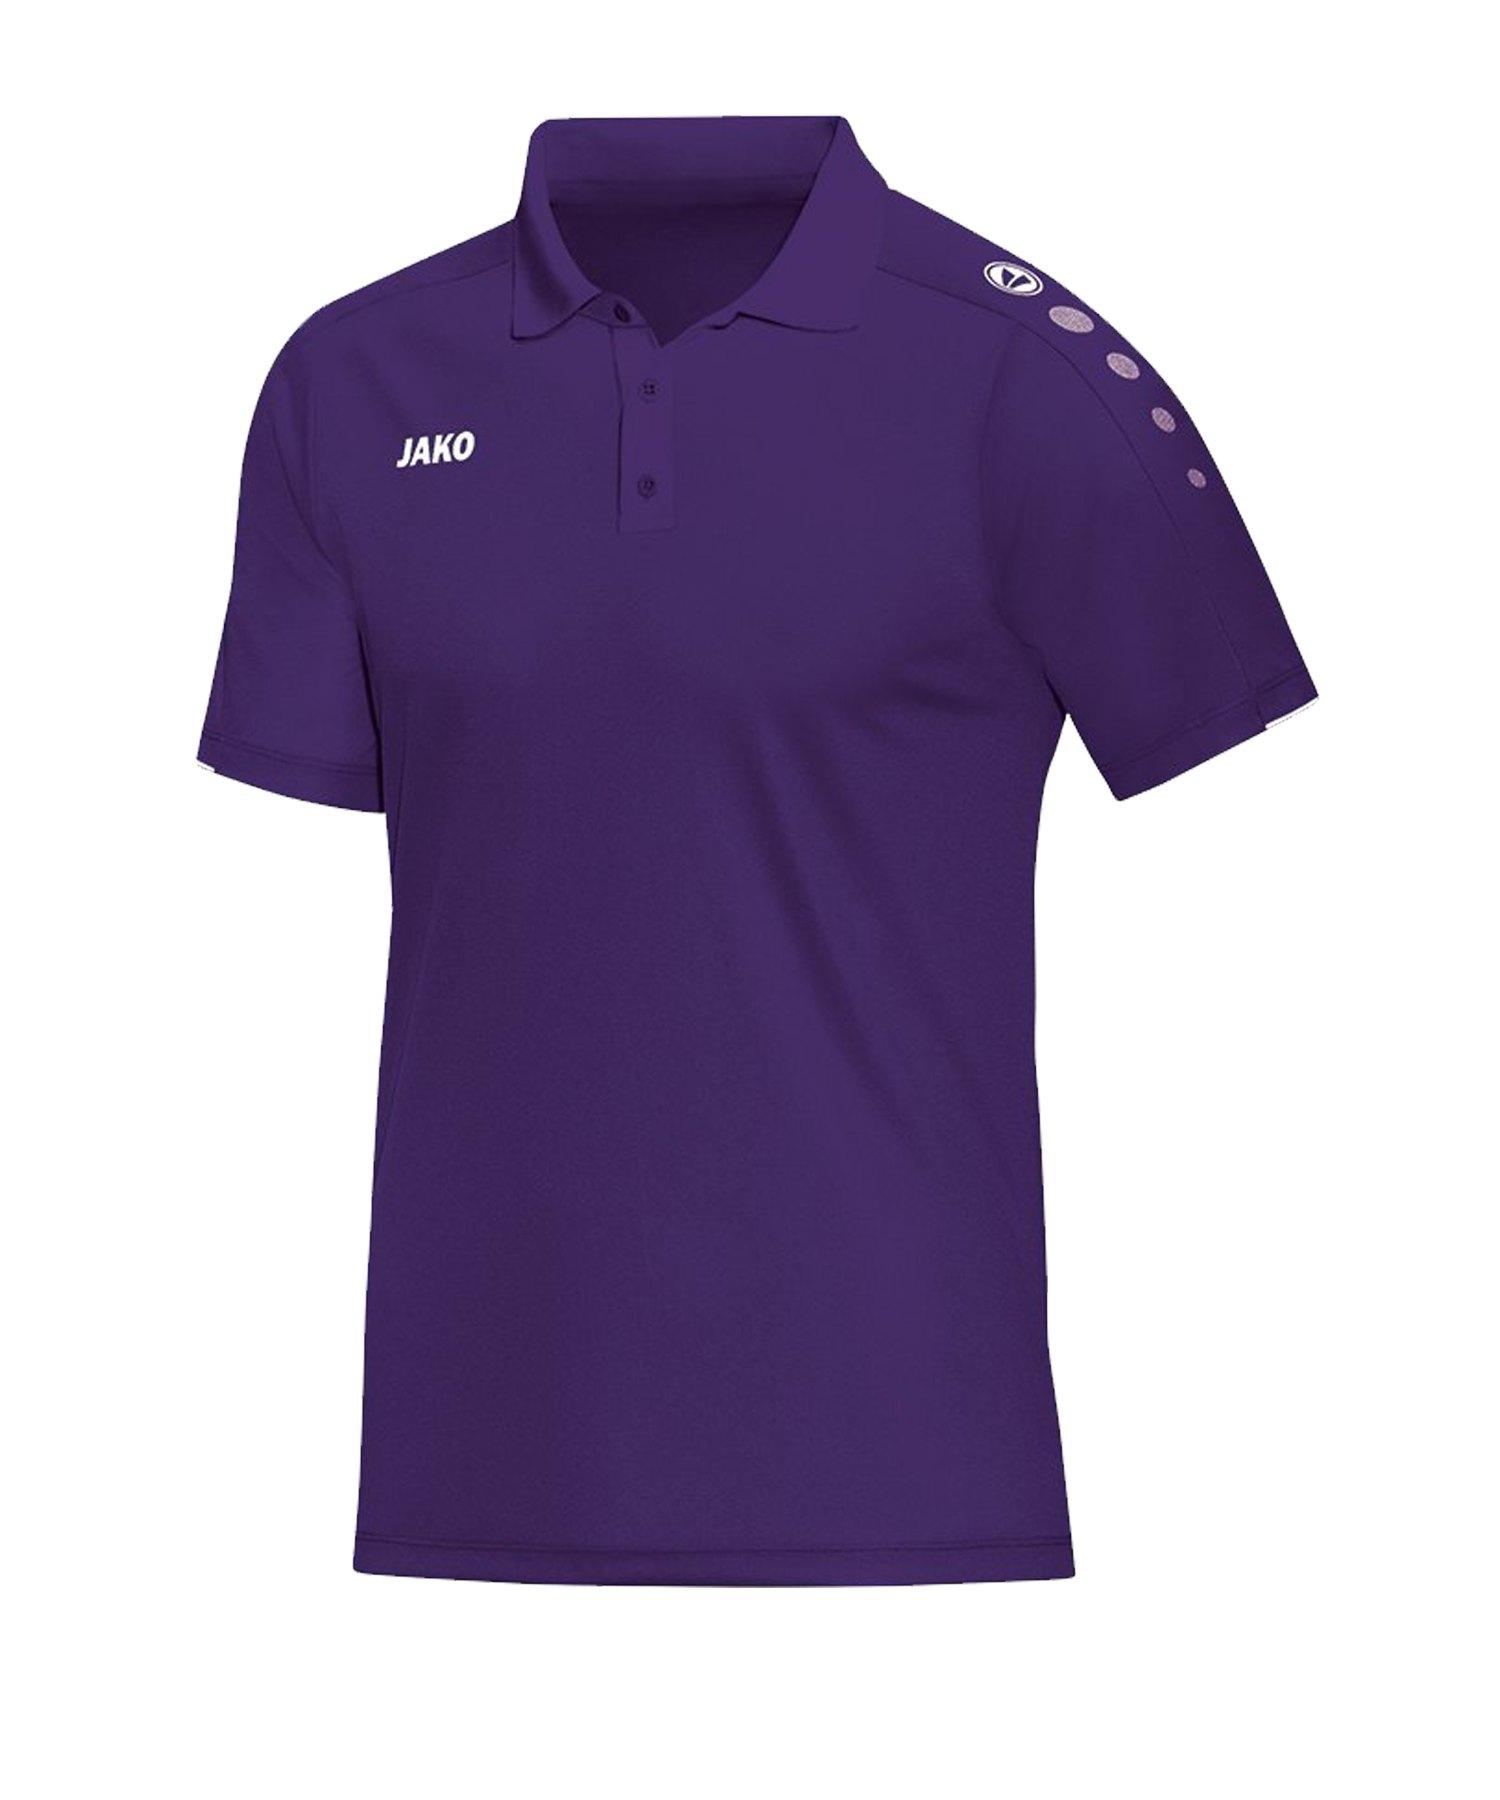 Jako Classico Poloshirt Lila F10 - Lila